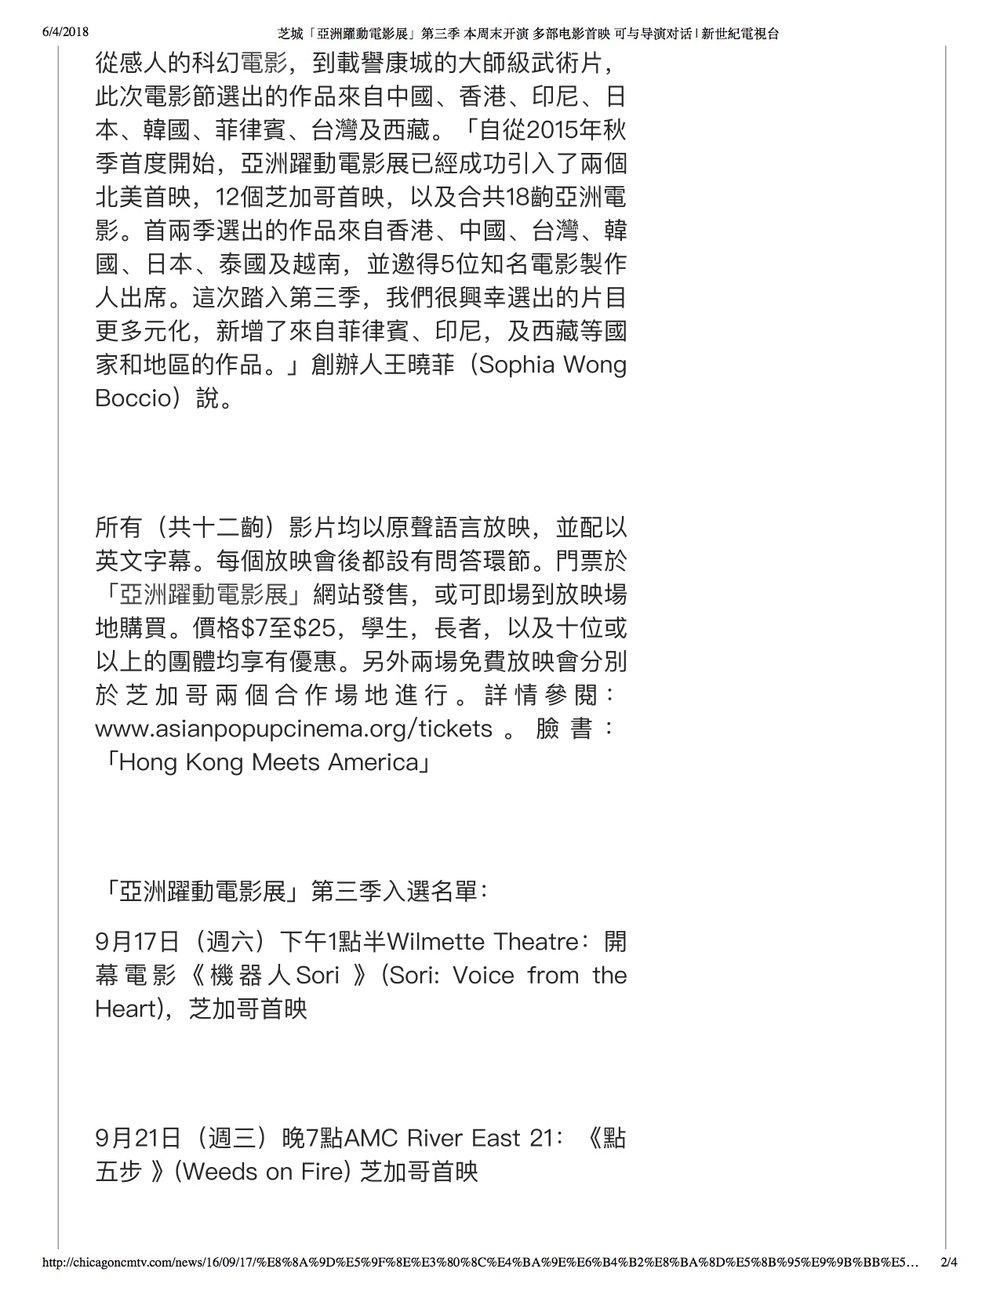 2芝城「亞洲躍動電影展」第三季 本周末开演 多部电影首映 可与导演对话 _ 新世紀電視台.jpg